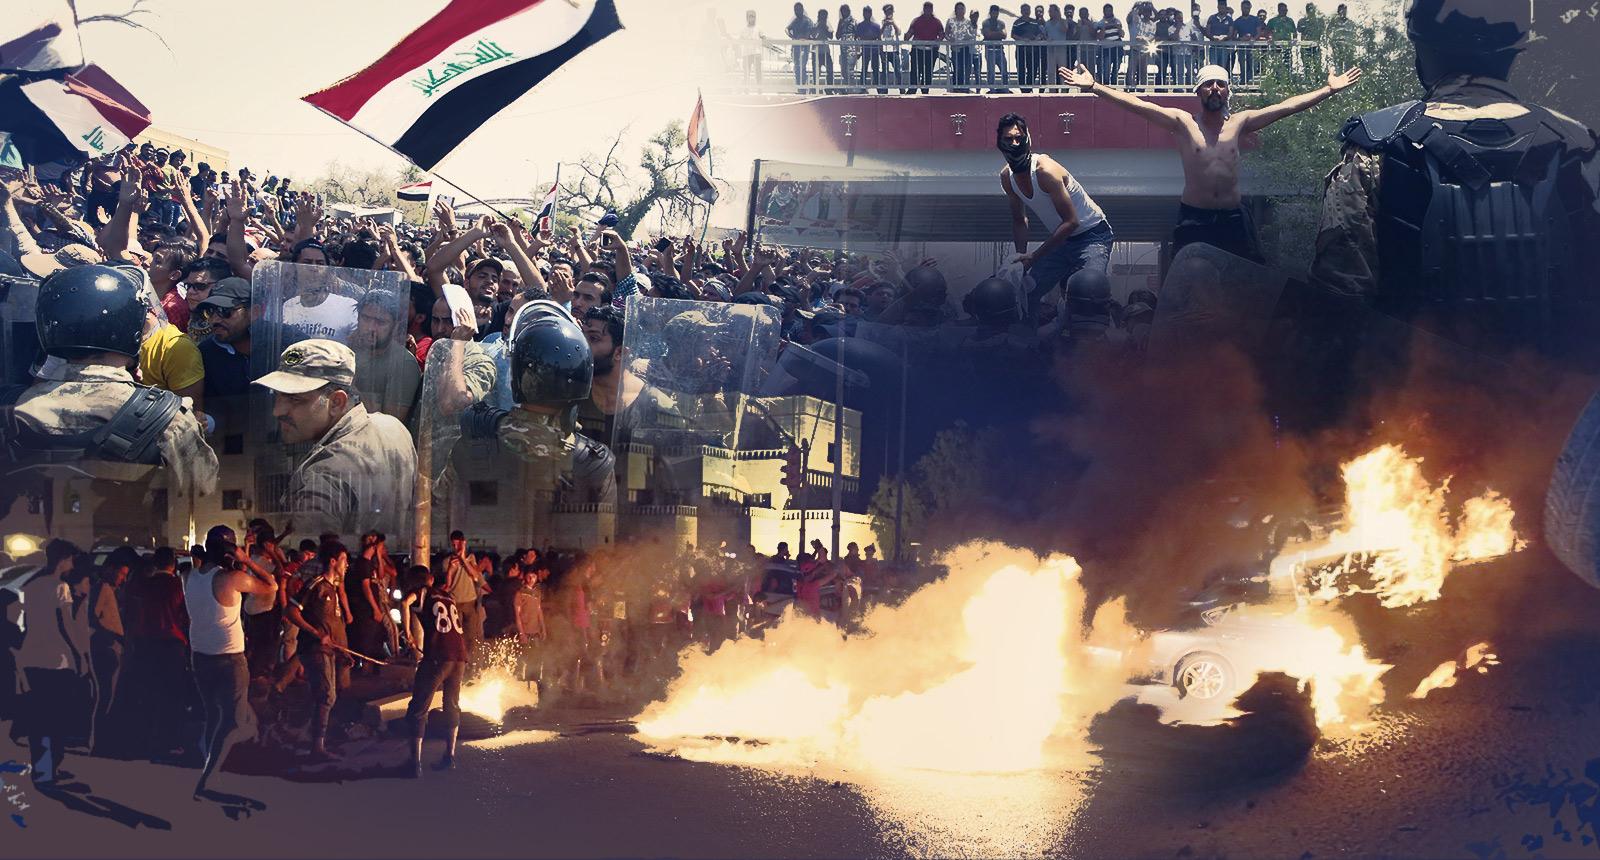 Velika nova kriza u Iraku prijeti slomu Irana izvana: Ovog puta šijiti prevode pobunu, a situacija na jugu Iraka podsjeća na početak novog građanskog rata